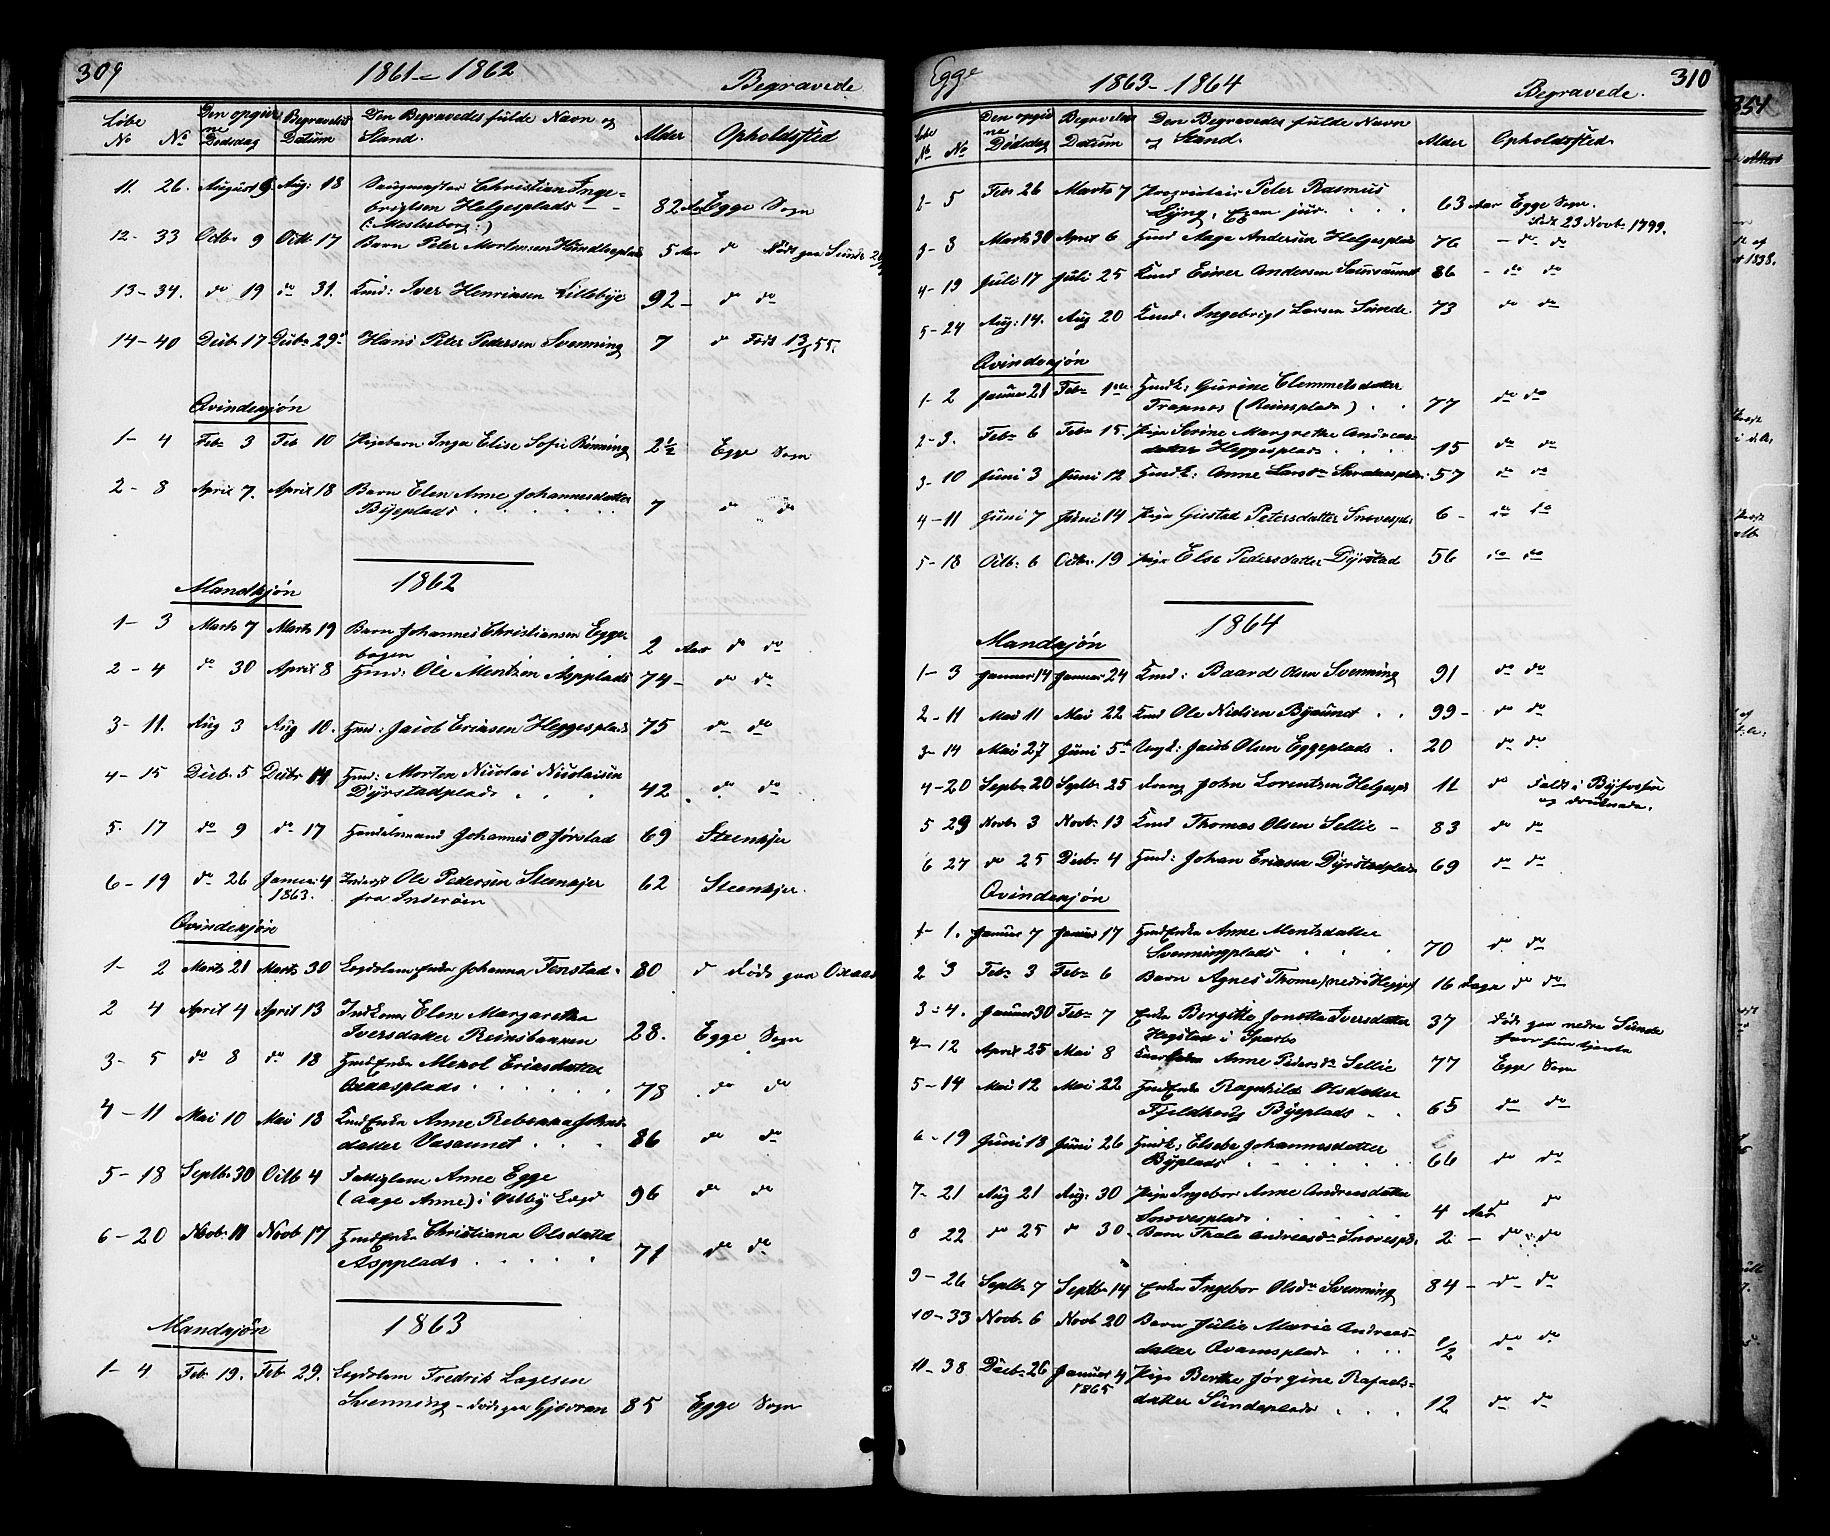 SAT, Ministerialprotokoller, klokkerbøker og fødselsregistre - Nord-Trøndelag, 739/L0367: Ministerialbok nr. 739A01 /3, 1838-1868, s. 309-310